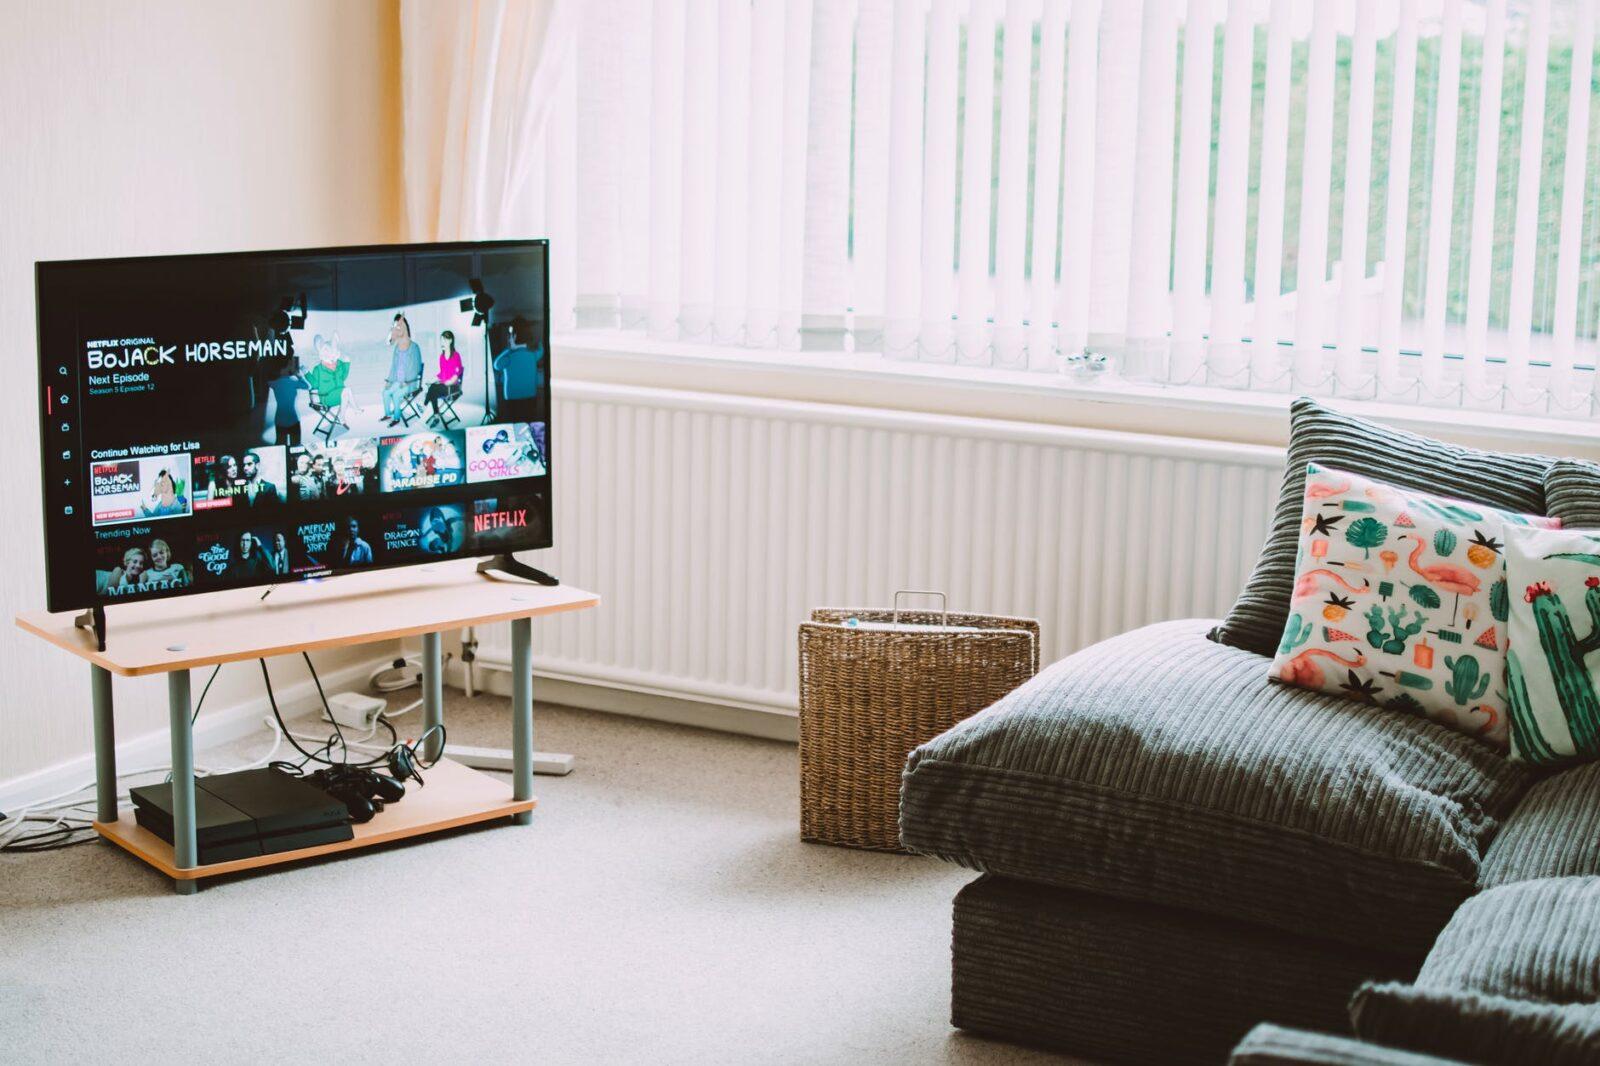 Renting TVs